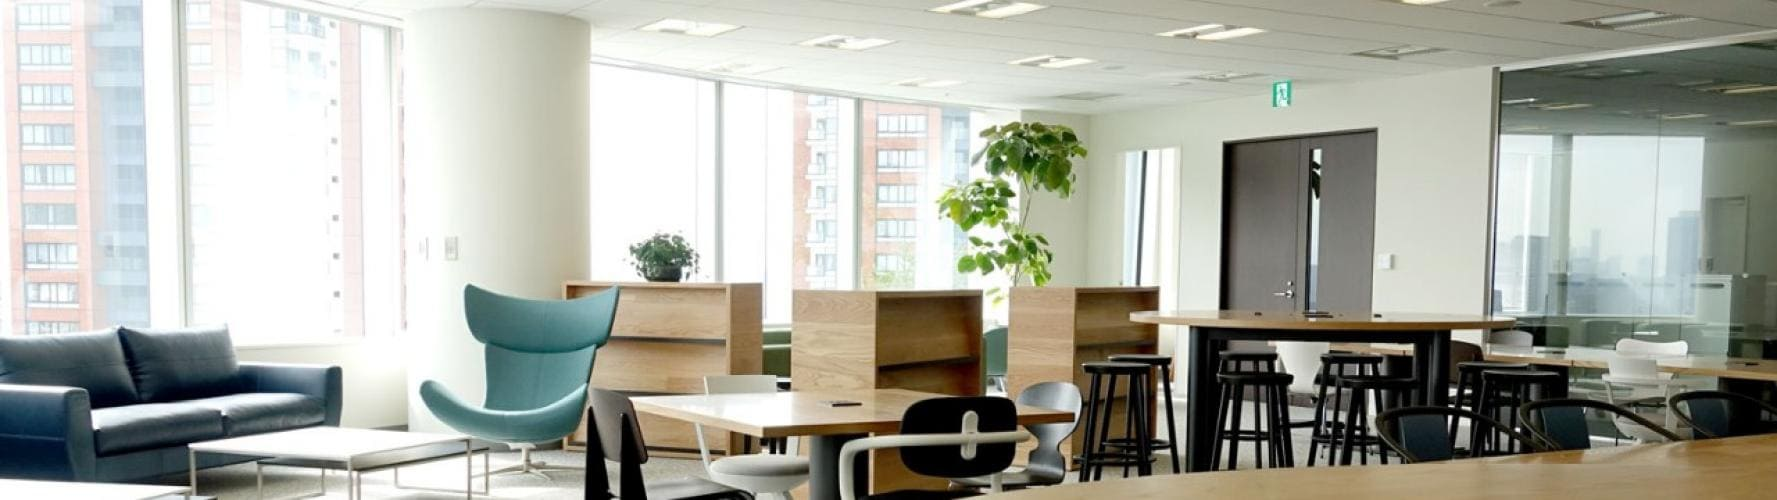 SAS Japan office space in Tokyo